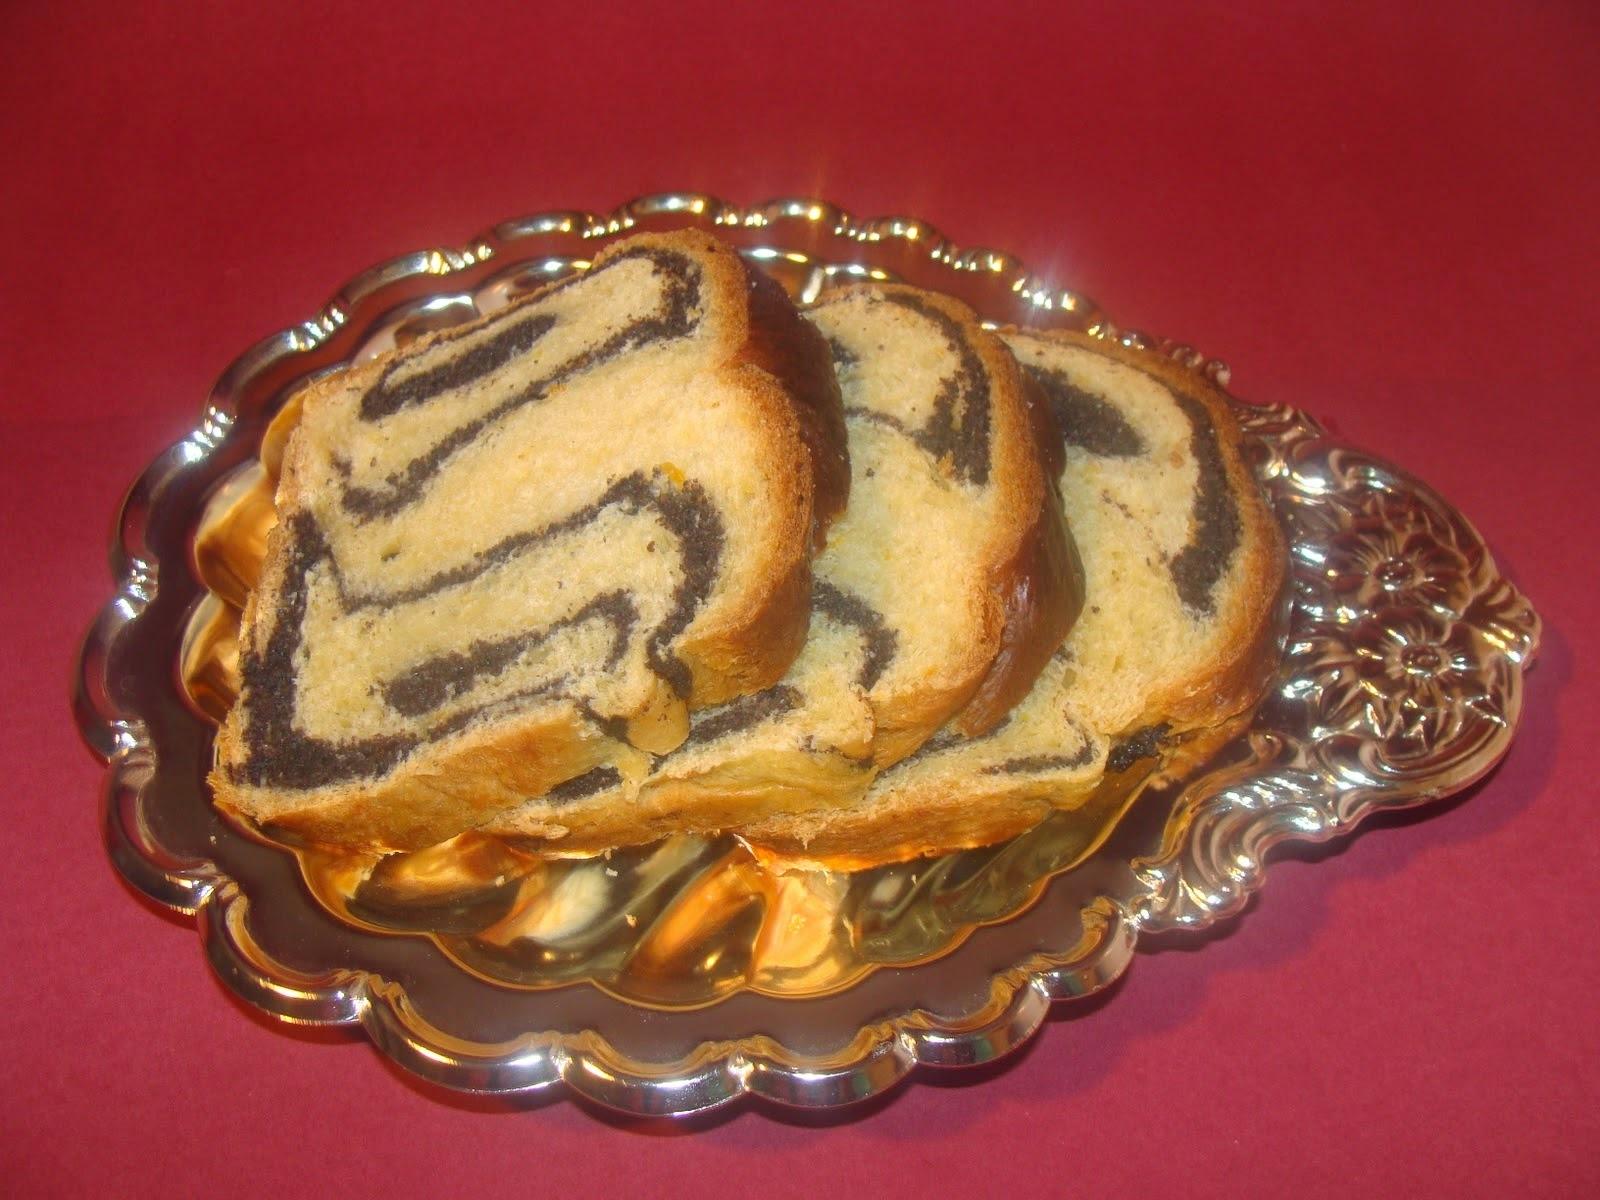 Pan dulce marmoleado con canela